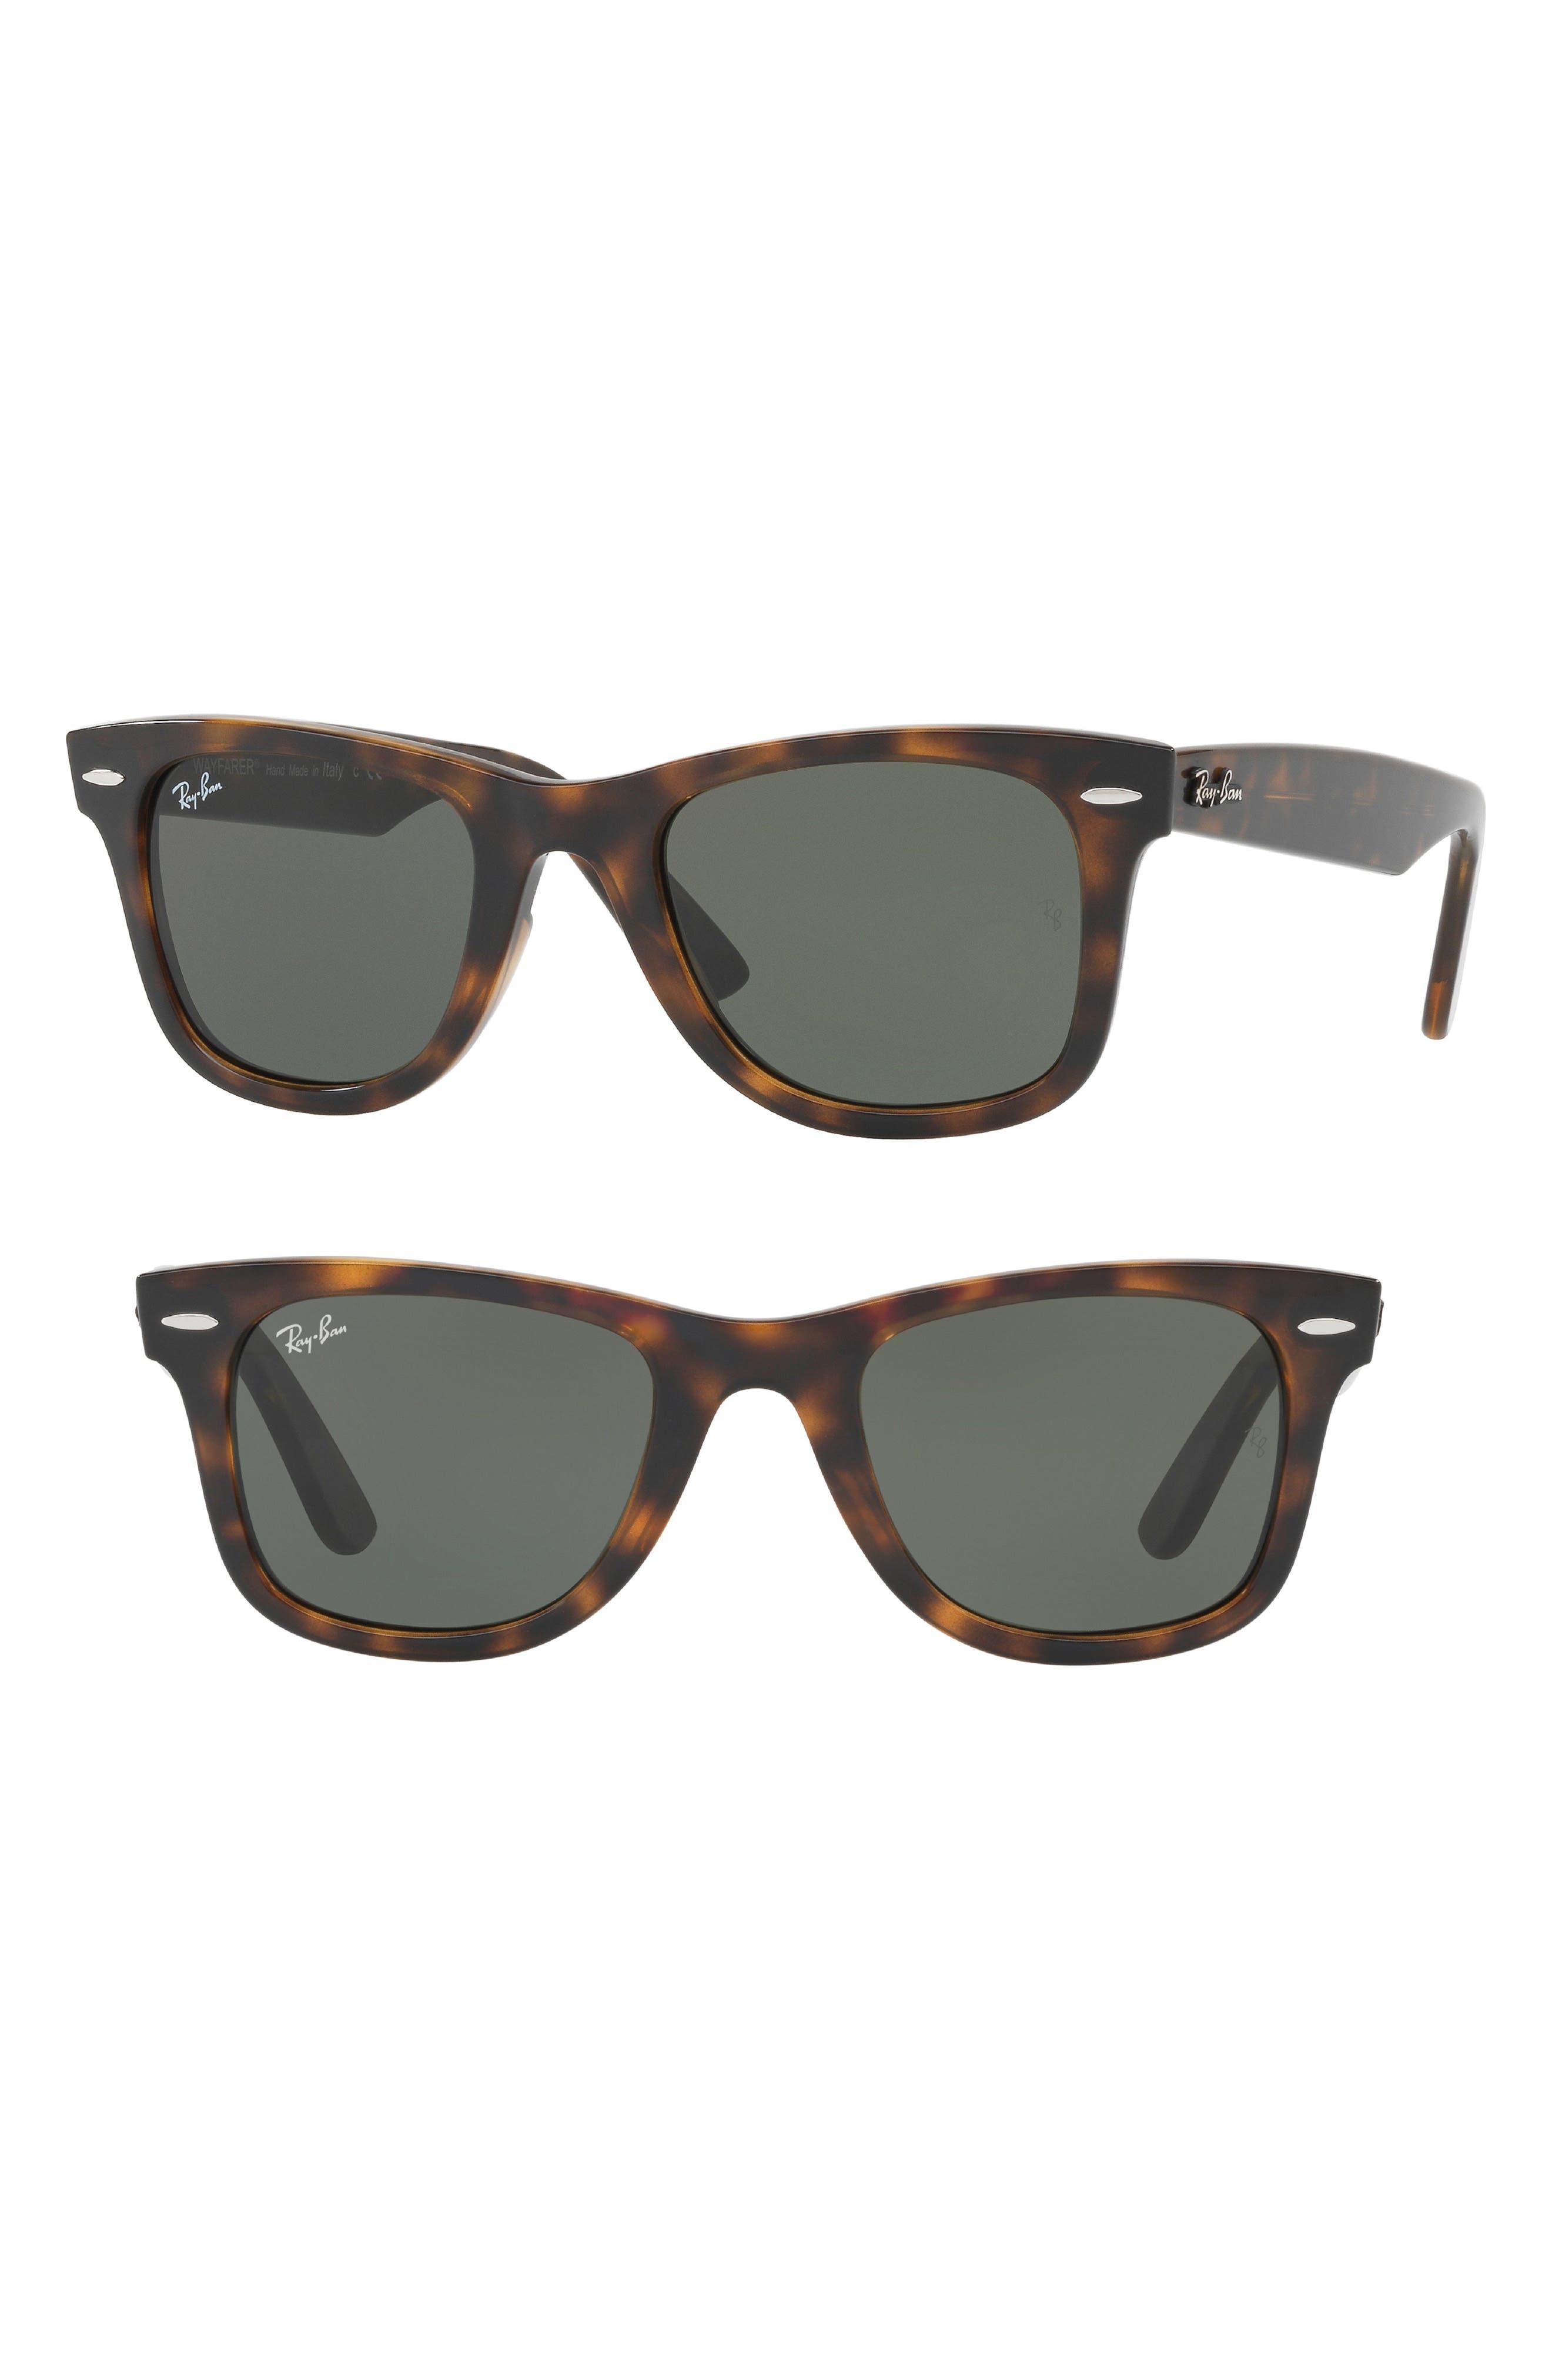 Wayfarer Ease 50mm Sunglasses,                         Main,                         color, 200